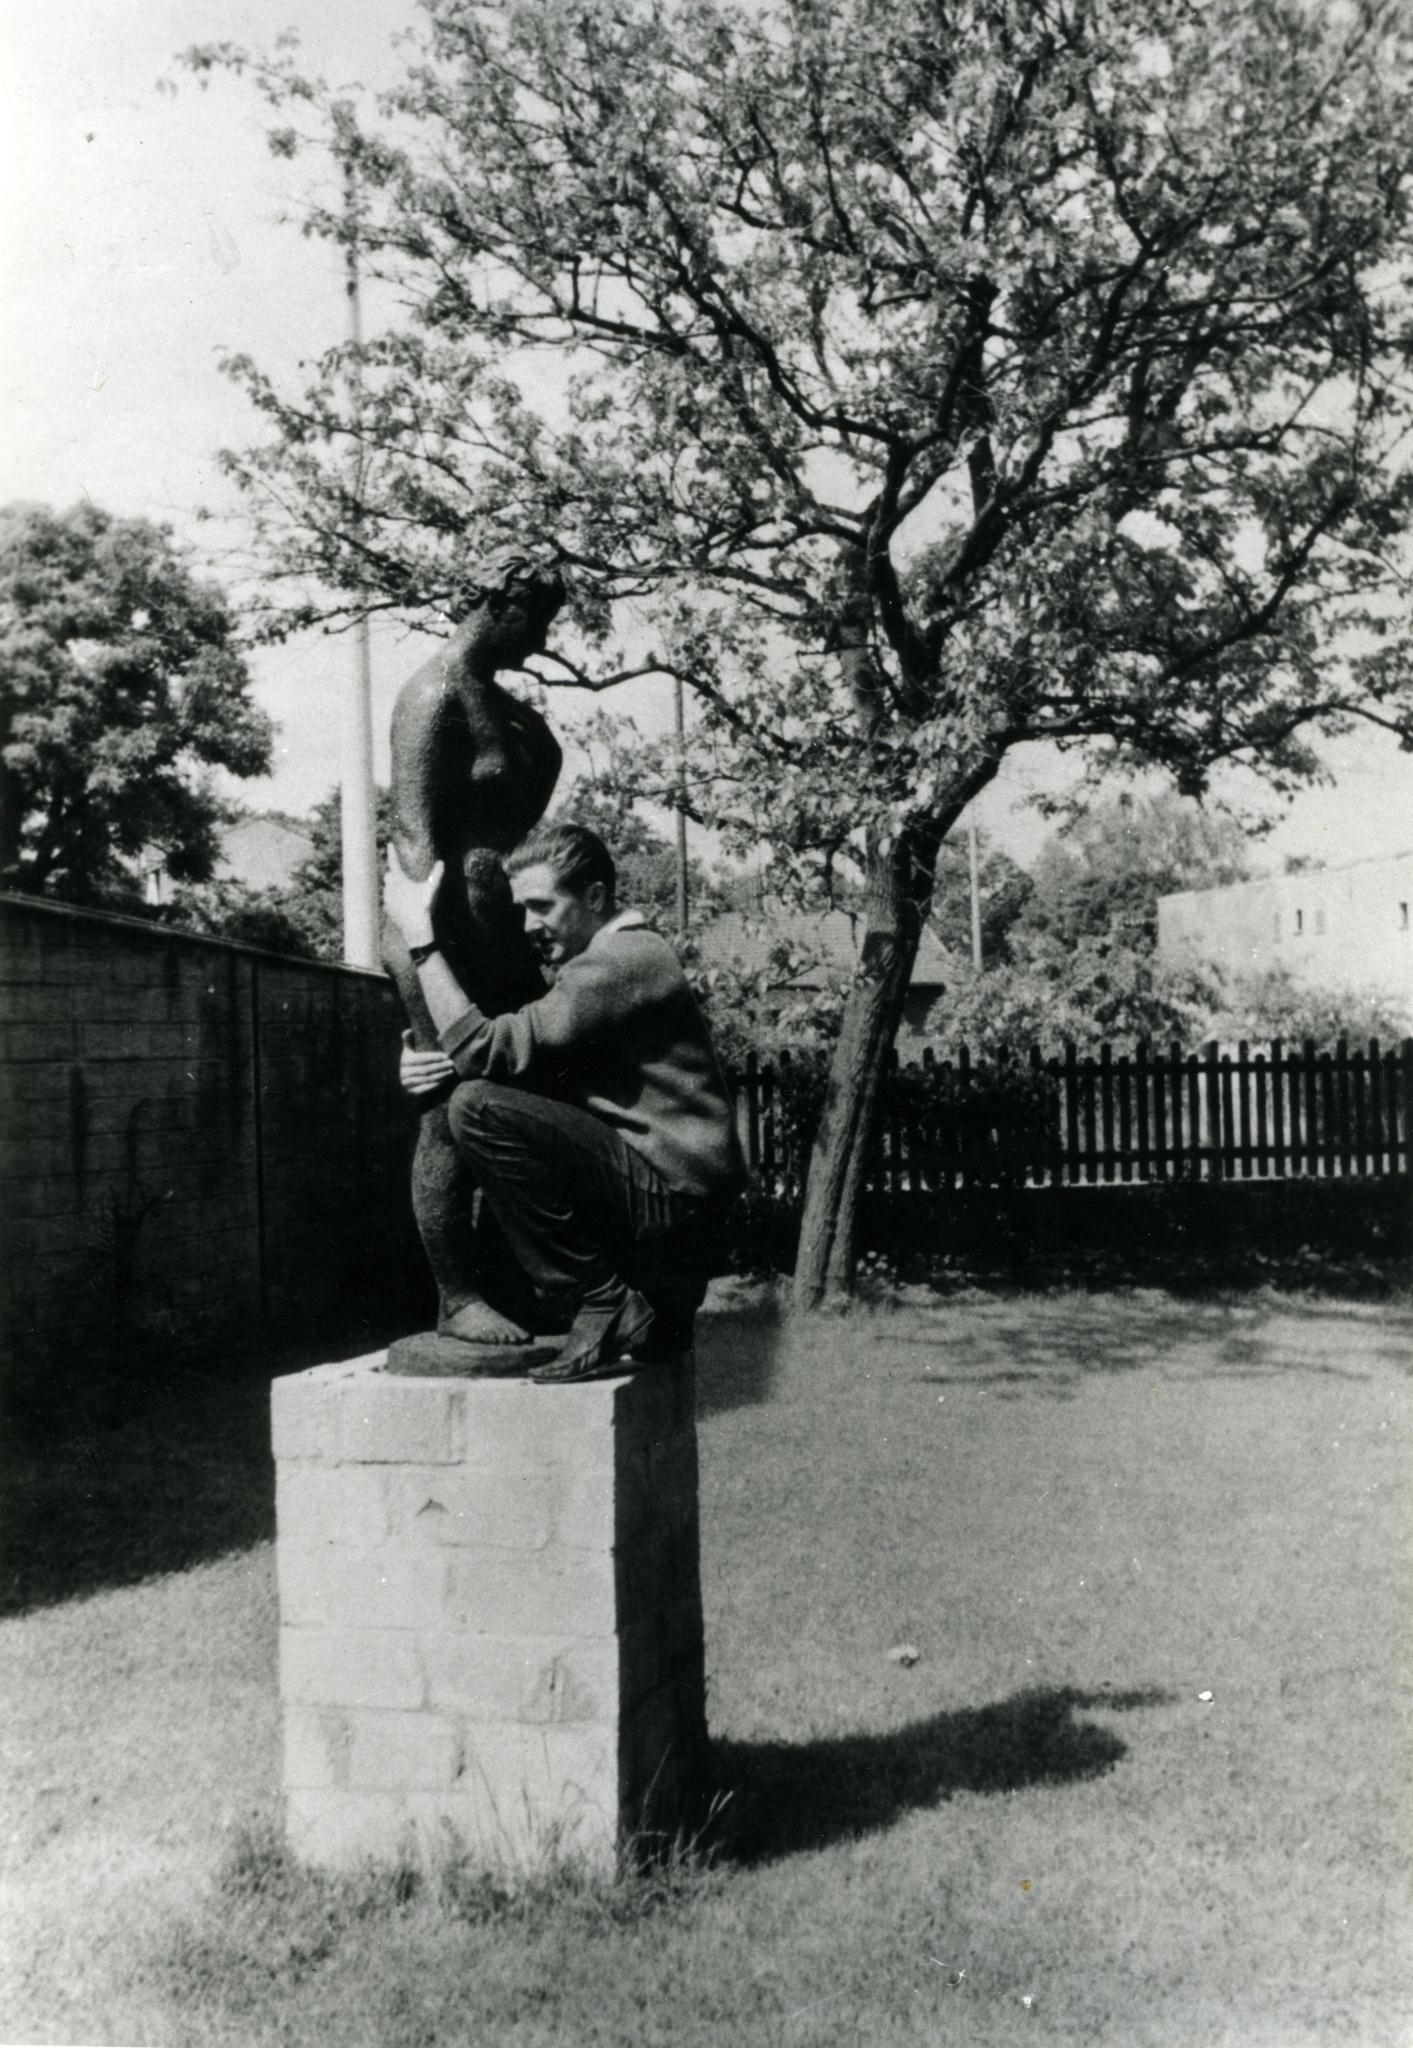 """<div class='inner-box'><div class='close-desc'></div><span class='opis'>Marek Hłasko i """"Wenus"""" Augusta Zamoyskiego. Rzeźba powstała w 1935 r. w Paryżu i była własnością artysty, a po jego śmierci, czwartej żony - Helene Zamoyskiej, W latach 2009-2019 należała do Peltier & Association. W 2019 r. """"Wenus"""" kupiło Muzeum Narodowe w Warszawie. Do rzeźby pozowała Rumunka, studentka Sorbony, wieloletnia modelka Zamoyskiego i Andre Deraina. Artysta nadał rzeźbie rysy twarzy swej drugiej żony - Manety Radwan. """"Wenus"""" (brąz, odlew na wosk tracony) stała przez krótki czas (w 1958 r.) w ogrodzie domu Instytutu Literackiego (na fot.). Rzeźbiarz miał nadzieję, że dzięki ekspozycji blisko Paryża, uda się ją sprzedać.</span><div class='clearfix'></div><span>Sygn. FIL00417</span><div class='clearfix'></div><span class='autor'>fot. Zygmunt Hertz</span><div class='clearfix'></div><span>©Zygmunt Hertz</span></div>"""